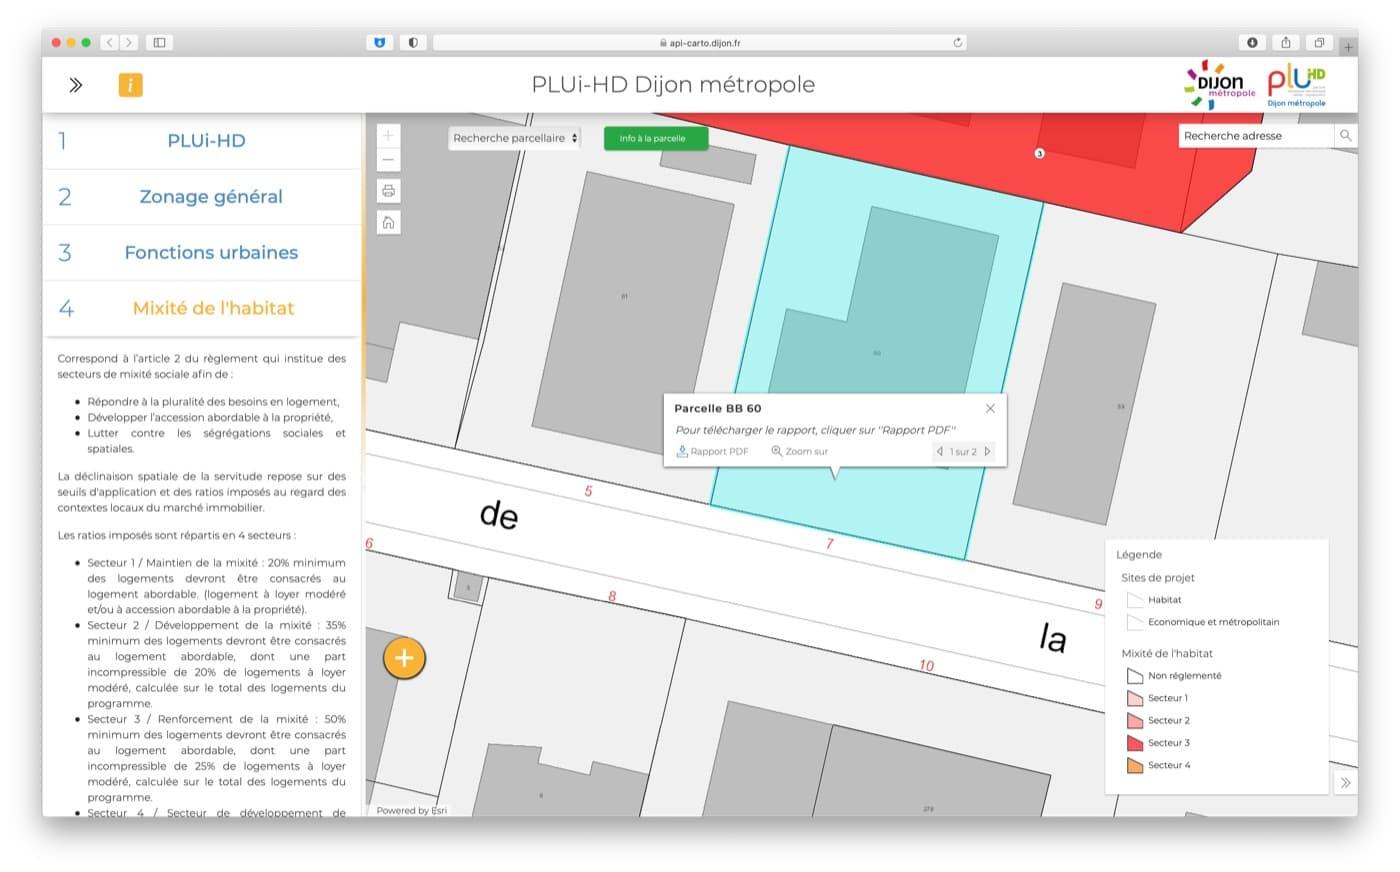 Un nouveau site cartographique pour tout connaitre du PLUi-HD de Dijon Métropole